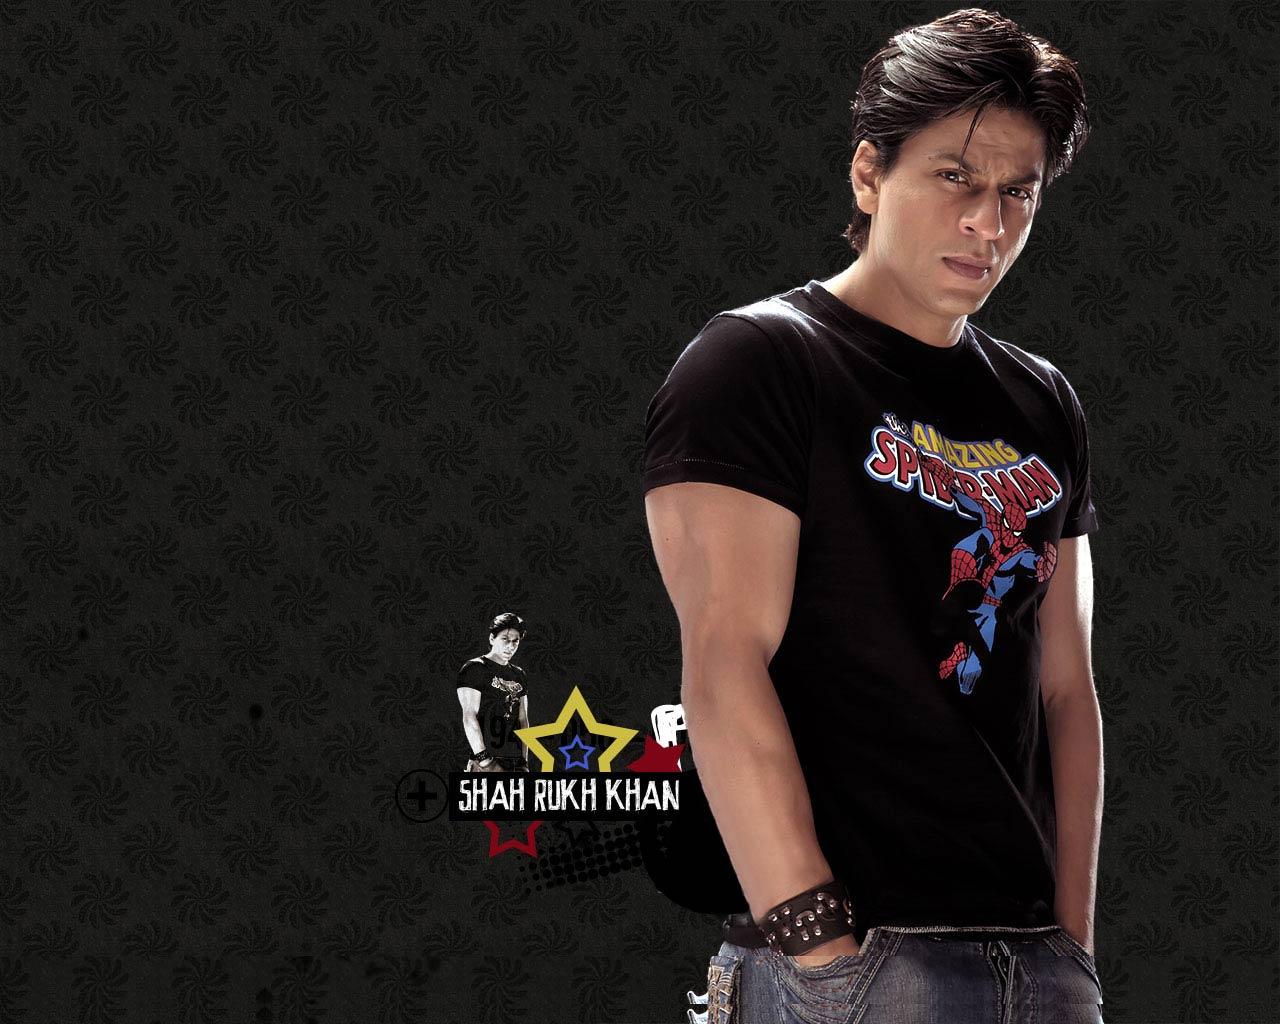 http://1.bp.blogspot.com/-kx_KDoXfrS8/TeUfBpELwsI/AAAAAAAAAiA/vHiE8ABaFcg/s1600/shahrukh-khan-wallpapers-2011.jpg